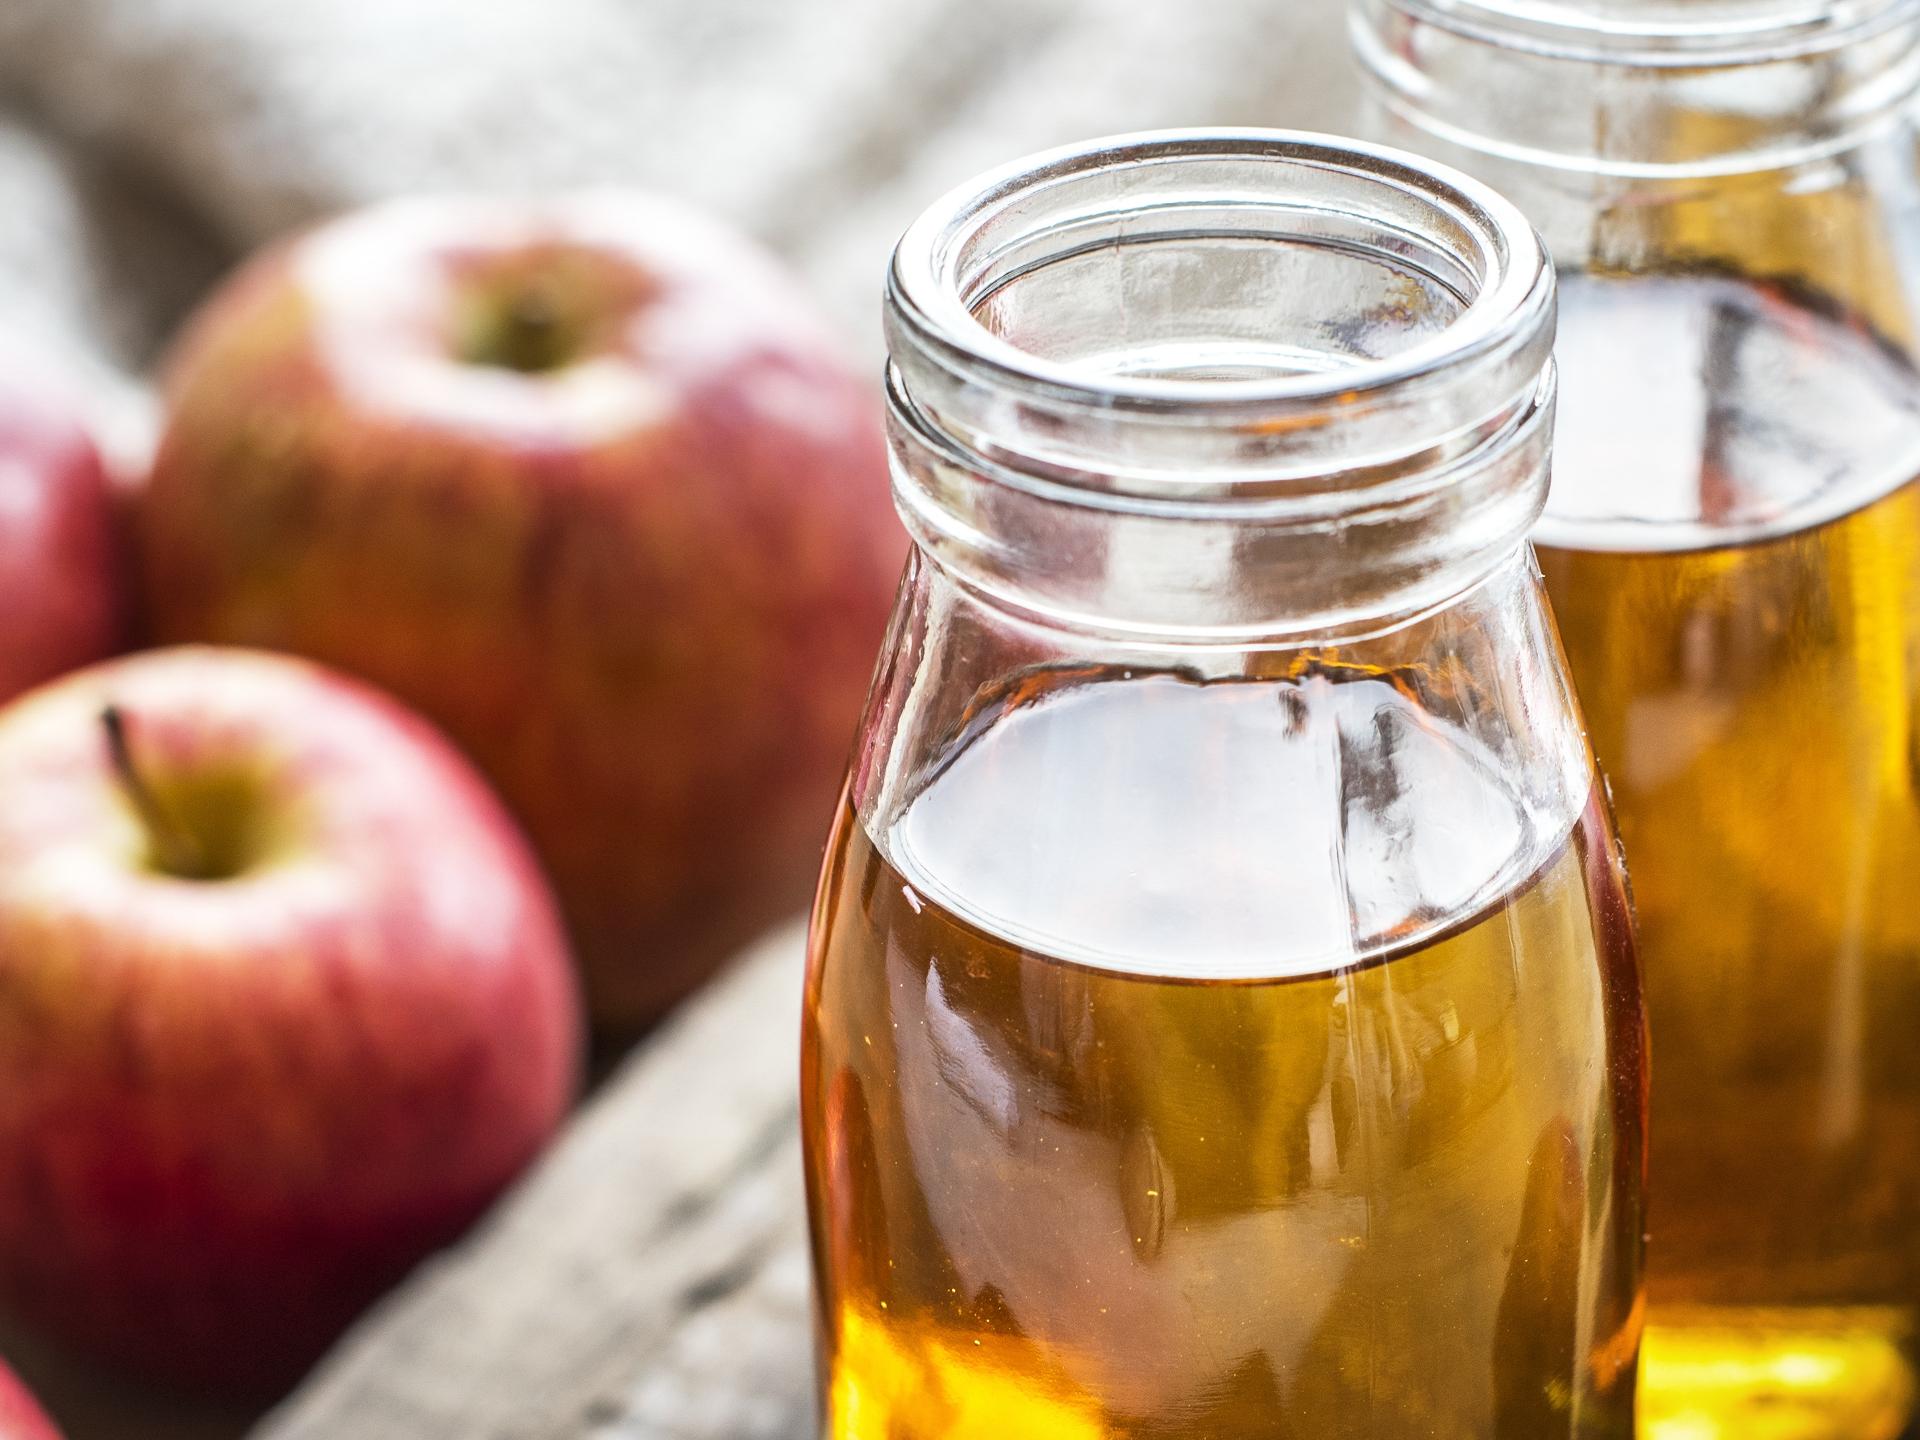 Ich habe sehr gute Erfahrungen mit Apfelessig als Glanz-Spülung gemacht. - Photocredit: pixabay.com/rawpixel